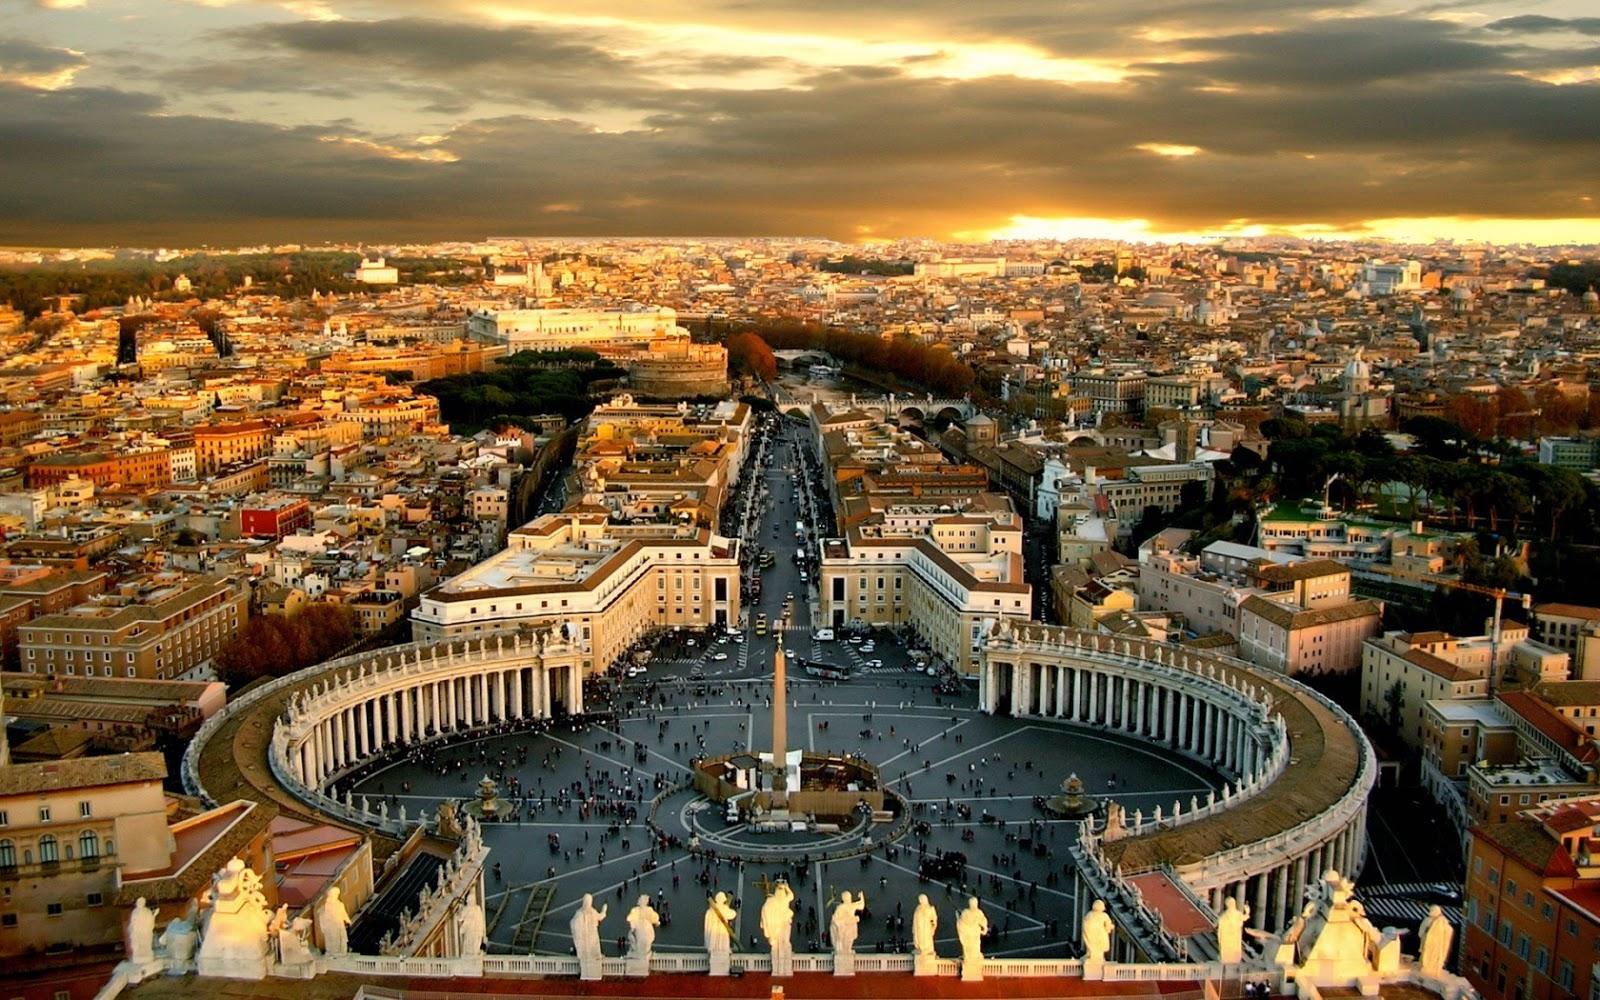 http://2.bp.blogspot.com/-l4d4c-YttxU/TonwrWrBQiI/AAAAAAAADVQ/Z6wto1Pzx44/s1600/Rome_Italy_C%25C4%25B1tyscapes_HD_Wallpaper_Vvallpaper.Net.jpg